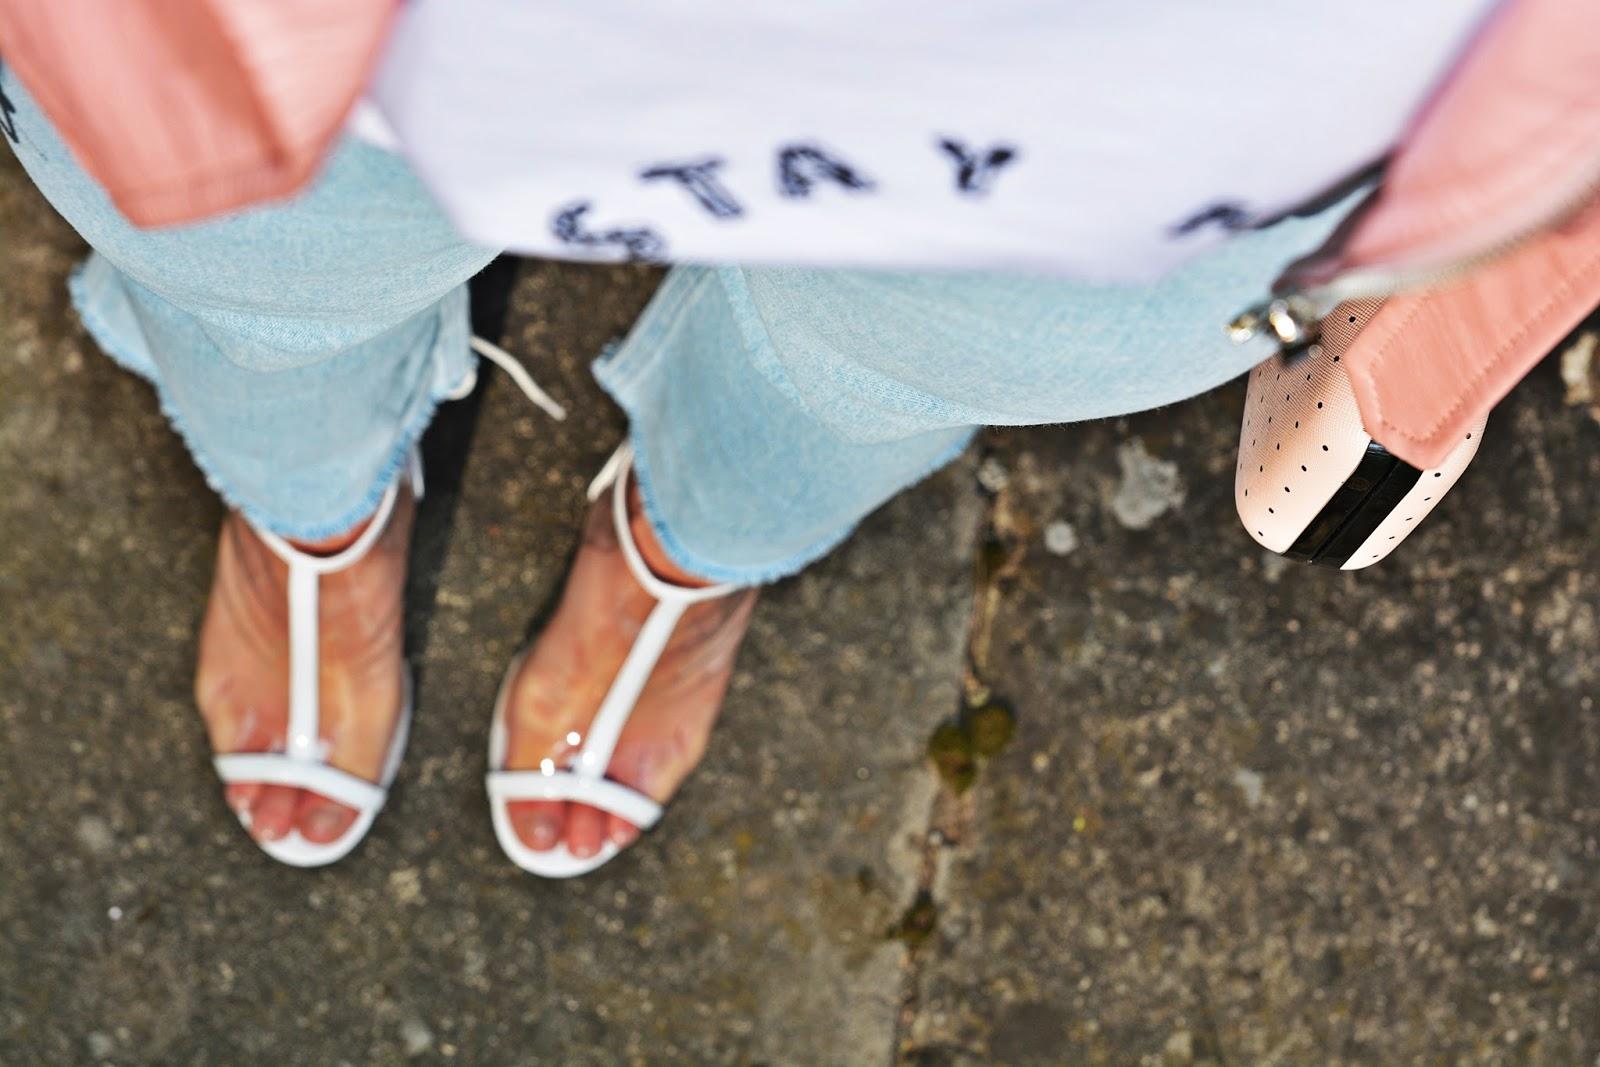 10_nakd_spodnie_jeansy_rozowa_ramoneska_przezroczyste_sandalki_renee_karyn_blog_modowy_220418